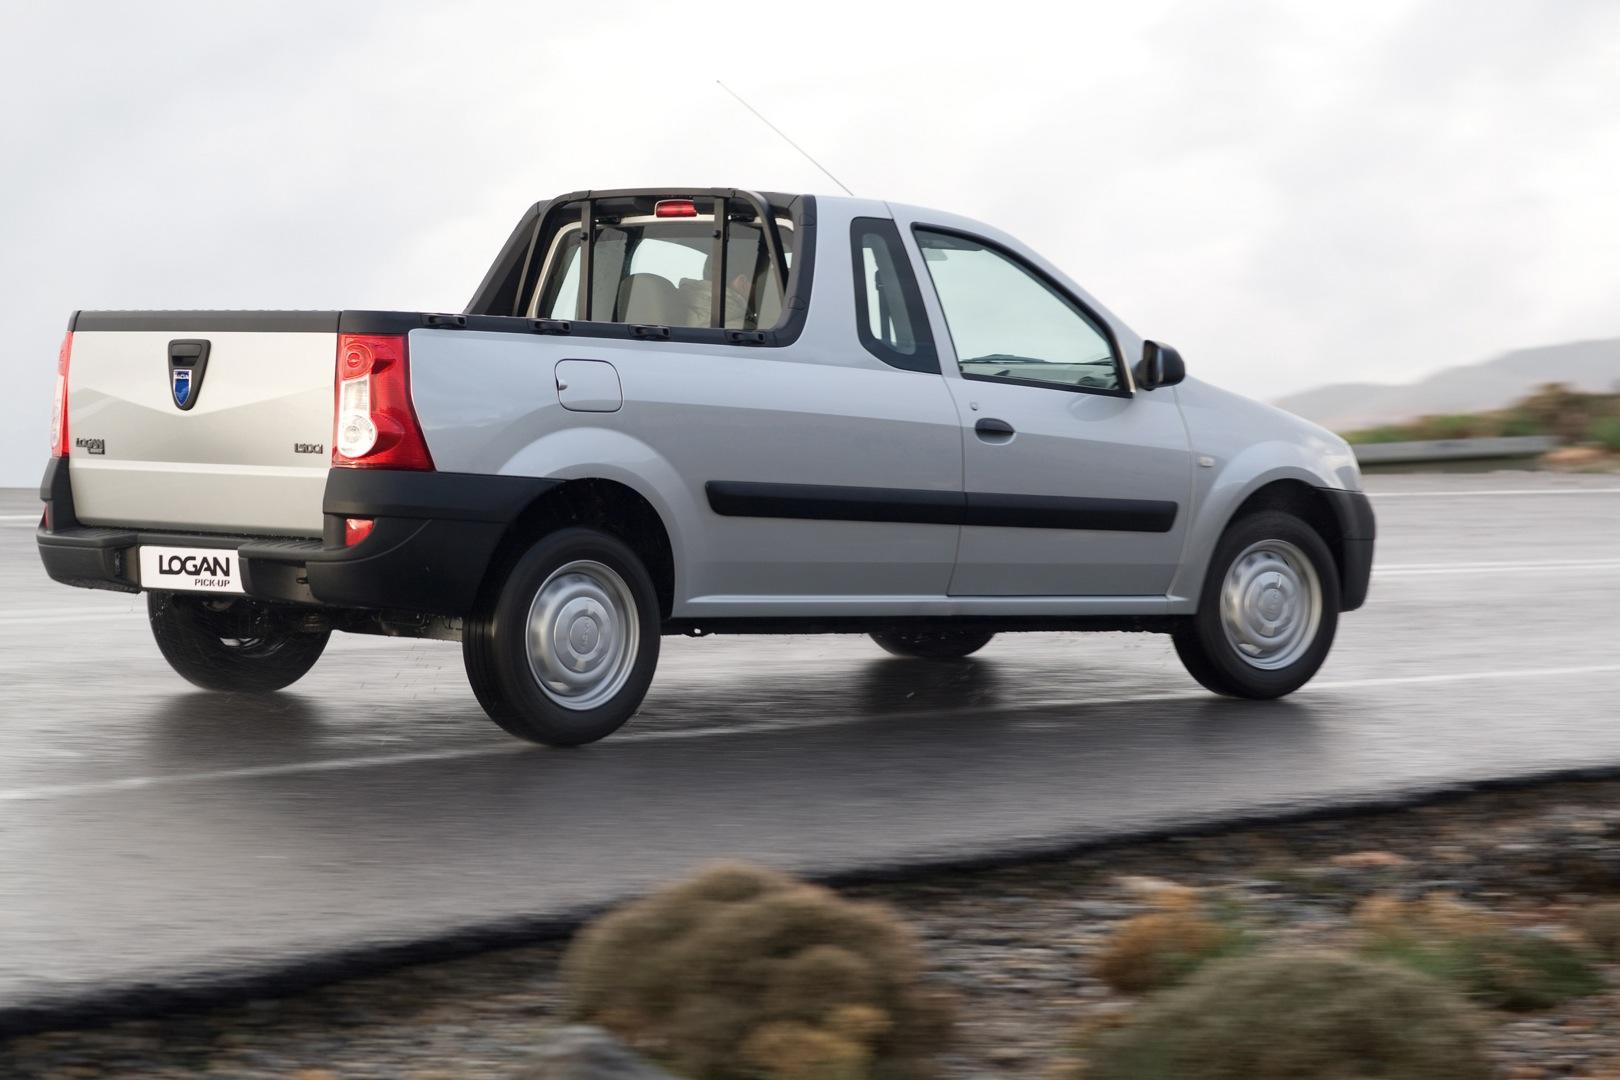 Dacia Logan  Pick-up 2007 autoevolution comDACIAPick-up-4554_1